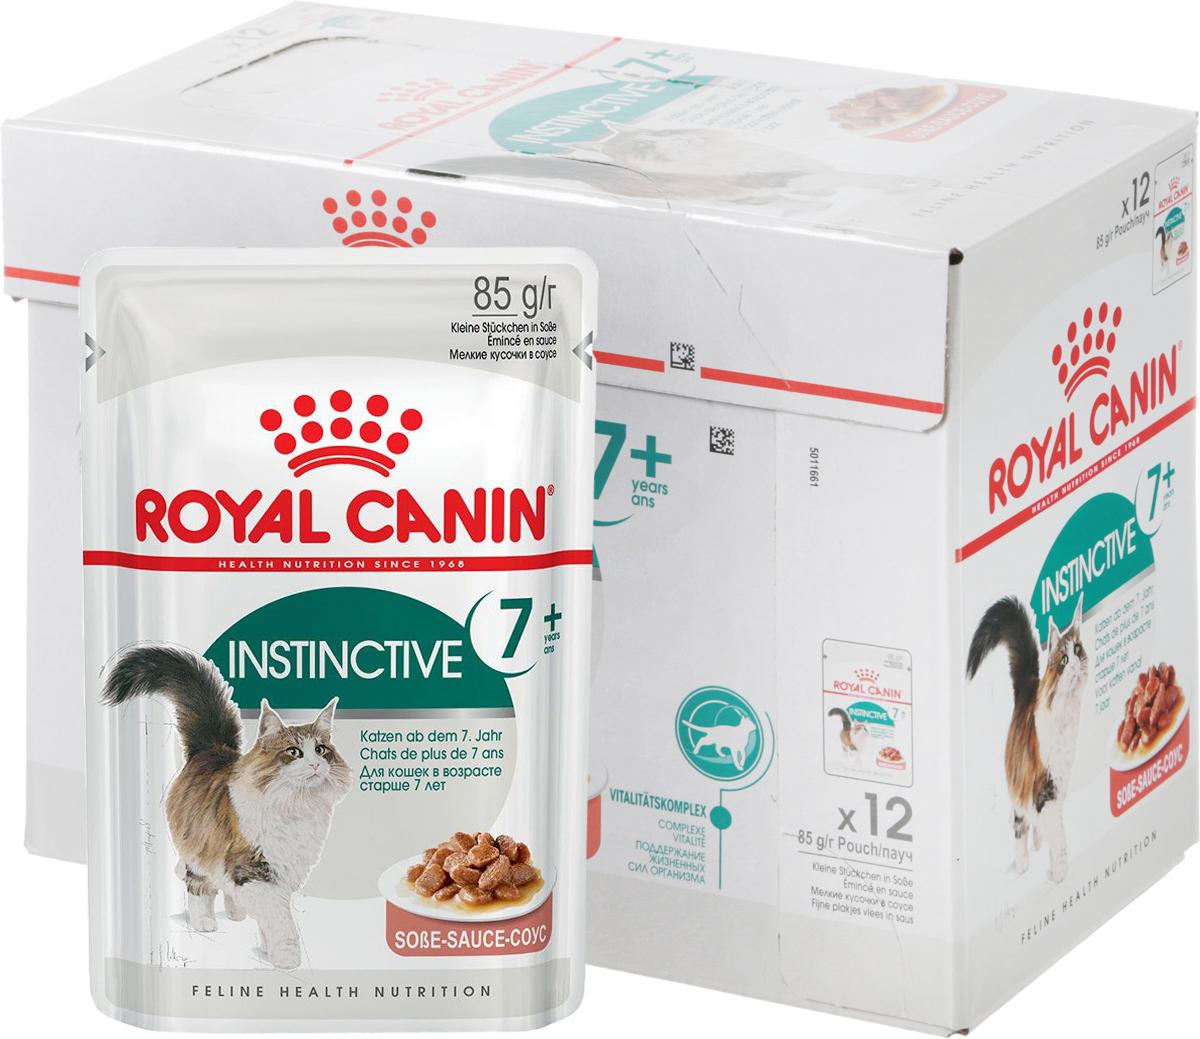 Консервы Royal Canin Instinctive +7, для кошек старше 7 лет, мелкие кусочки в соусе, 85 г, 12 шт royal canin sensitivity control диетический консервированный корм для собак 420 г